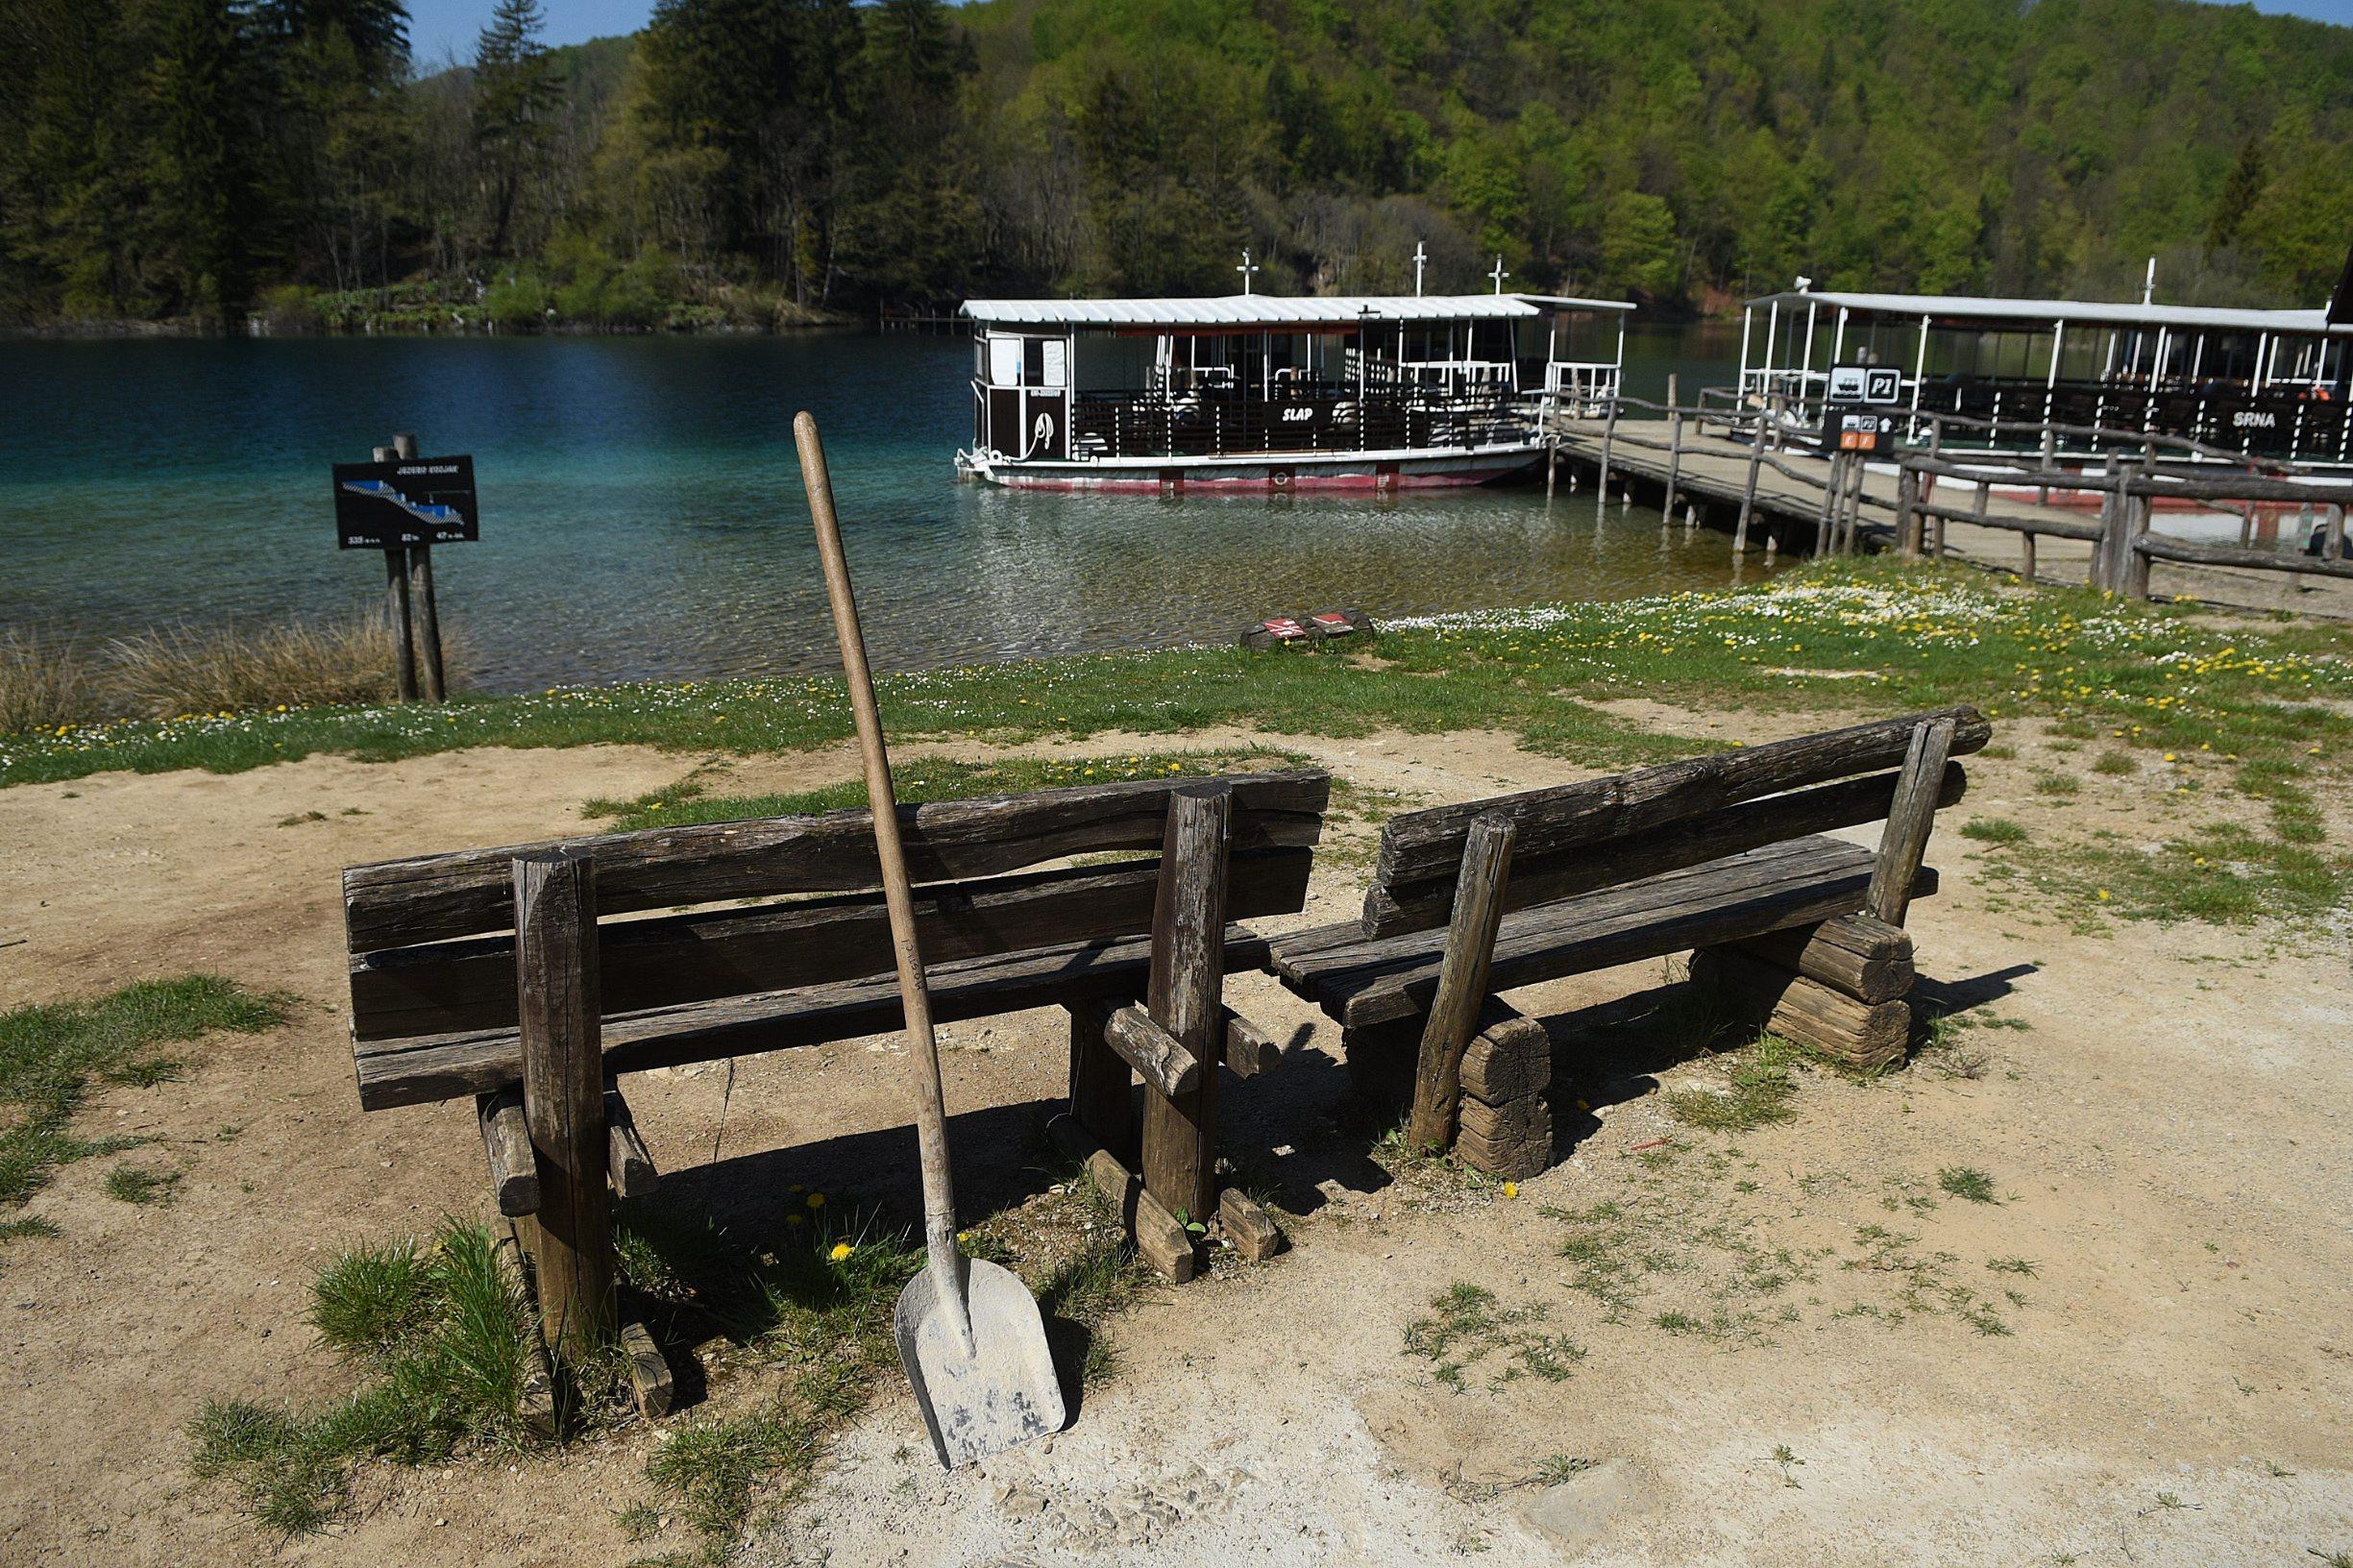 Plitvicka Jezera, 240420. Prvi put u svojoj povijesti Nacionalni park Plitvicka jezera zatvoren je za posjetitelje u sezoni. Na fotografiji: Klupa u nacionalnom parku. Foto: Robert Fajt / CROPIX